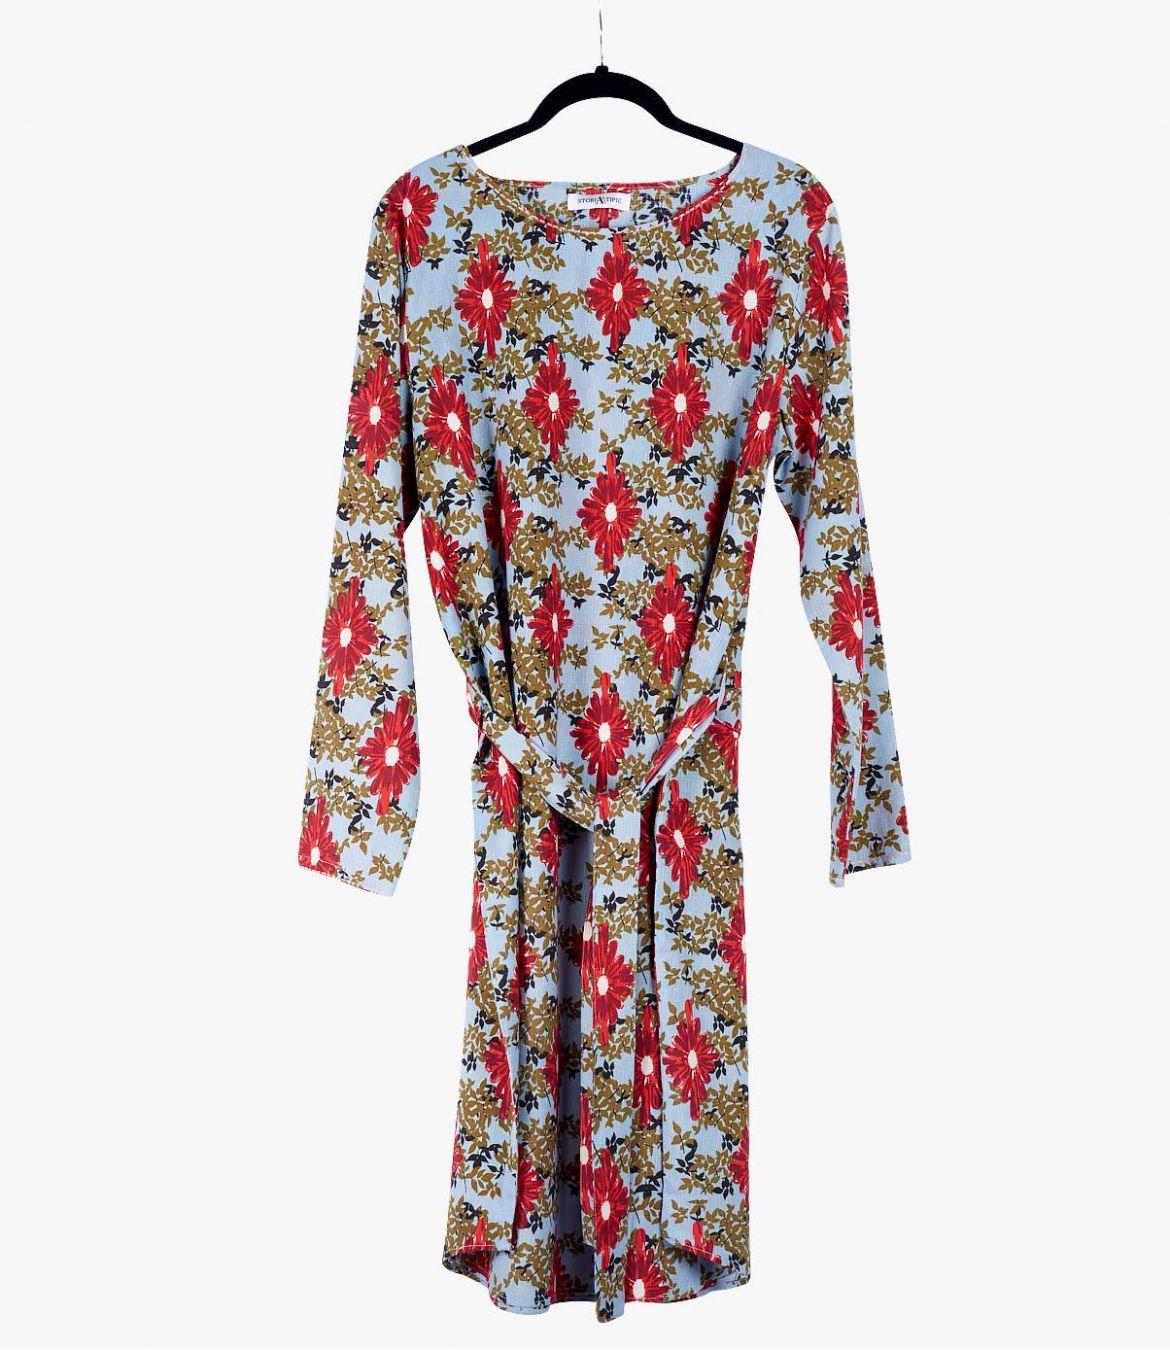 MARI ALEA Robe en Coton, Modal pour Femme Storiatipic - 2